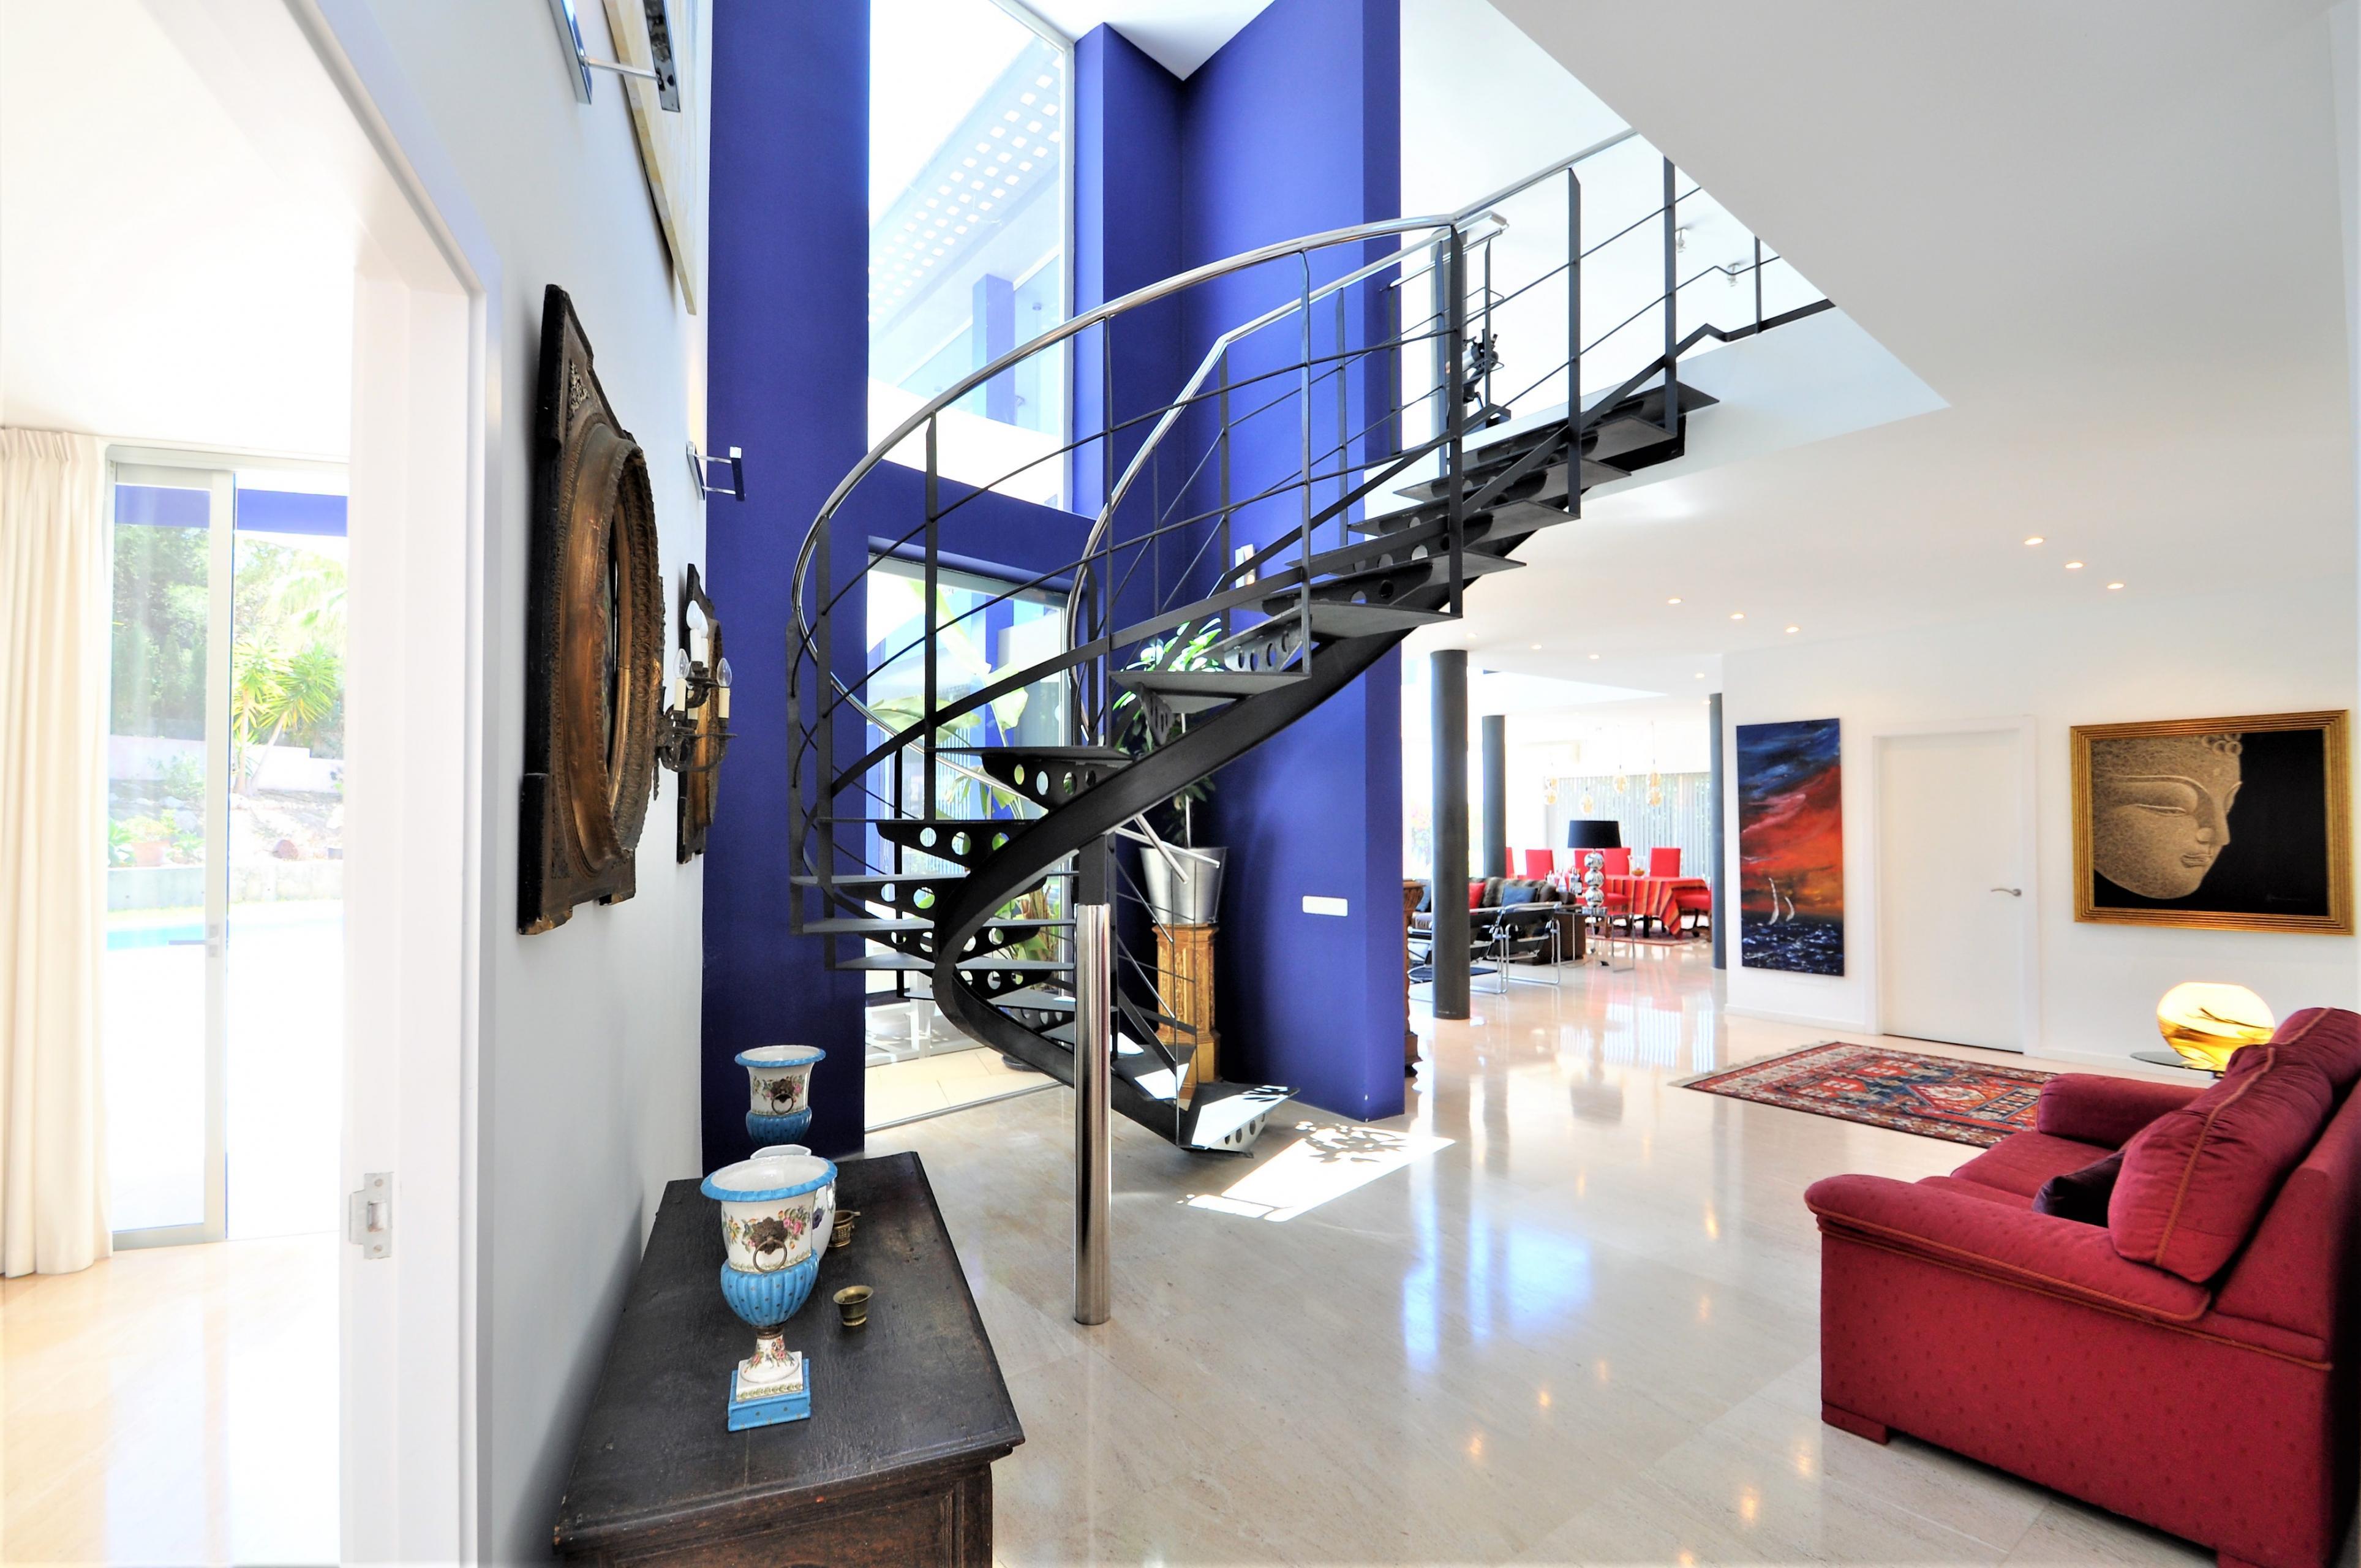 Maison de vacances VILLA BAY BLUE- Bahia Azul- Mallorca - VILLAONLINE - Kostenloses WLAN (2684052), Bahia Azul, Majorque, Iles Baléares, Espagne, image 33